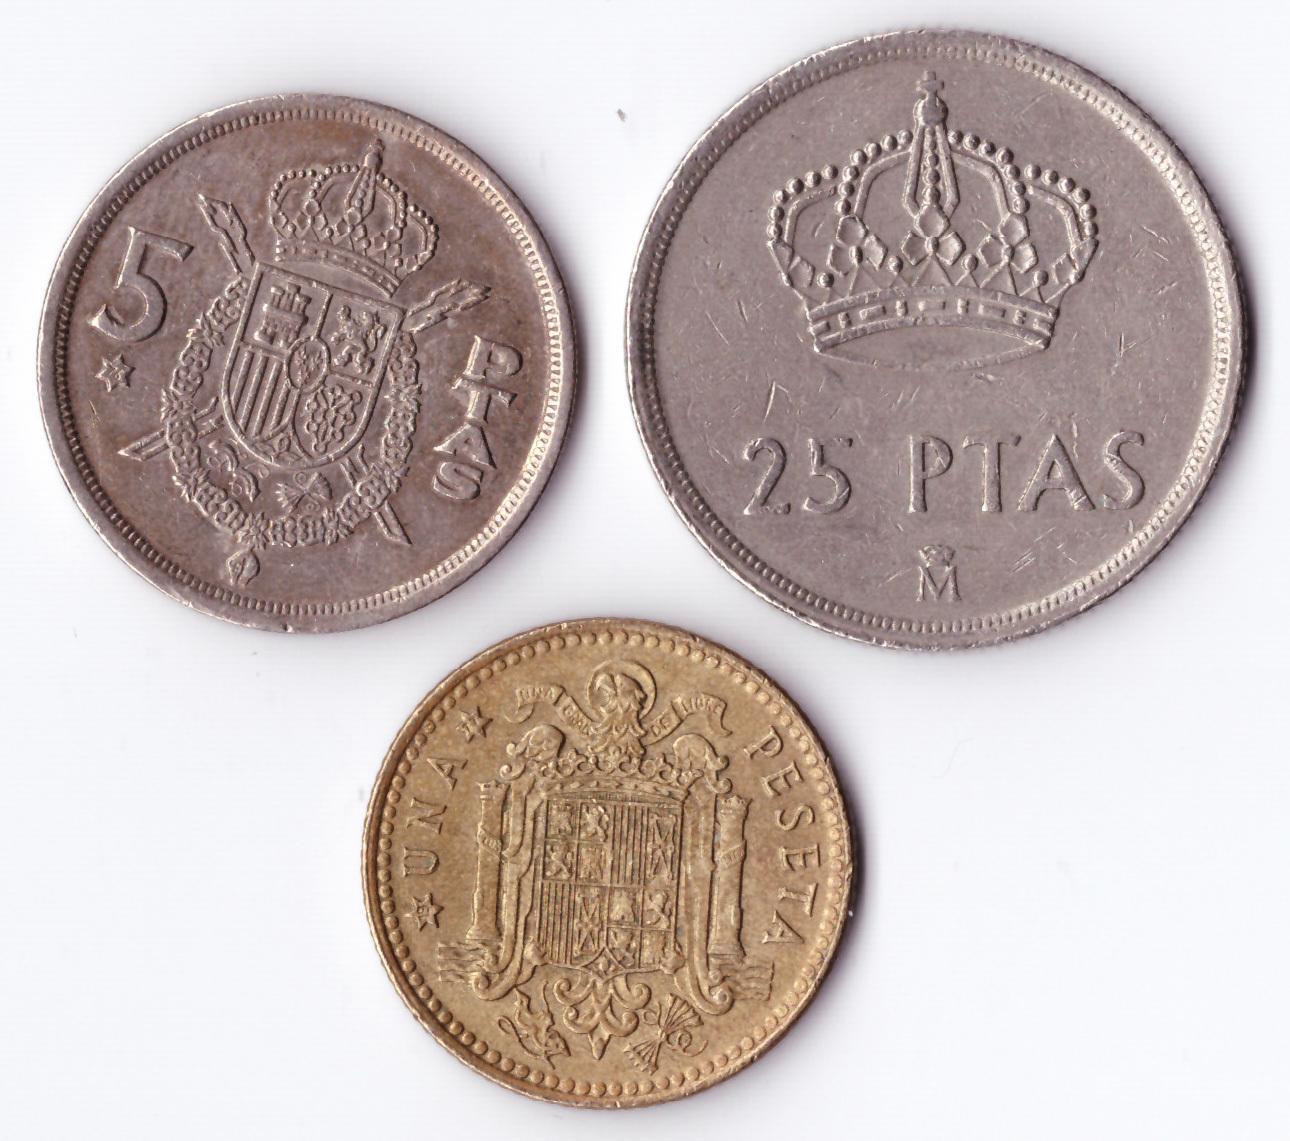 Набор монет Испании  (2, 5 и 25 песет) 1975-1983 гг. VF